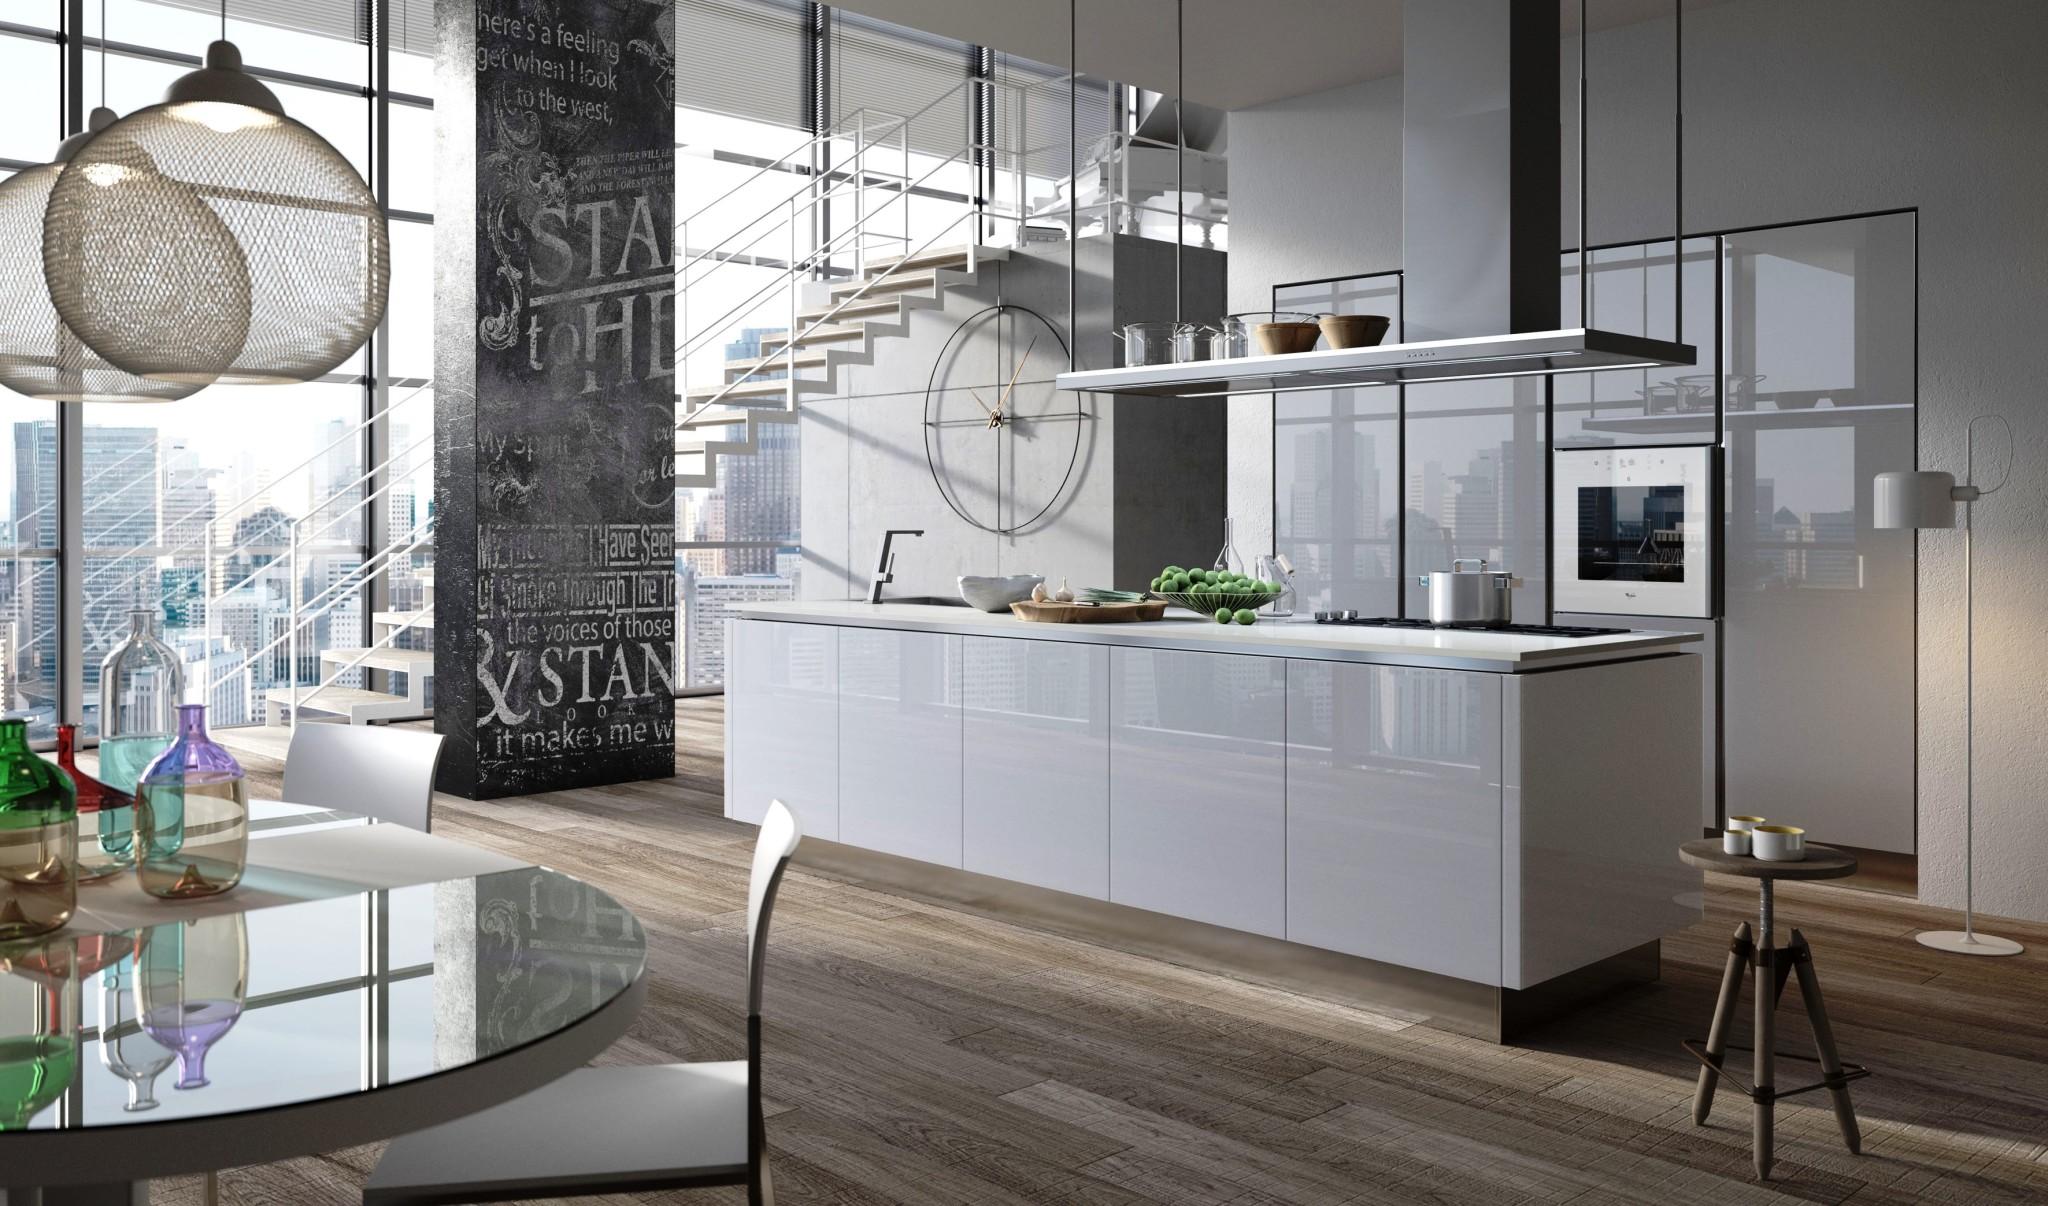 Aran cucine e fiditalia insieme per l acquisto della for Immagini cucine moderne